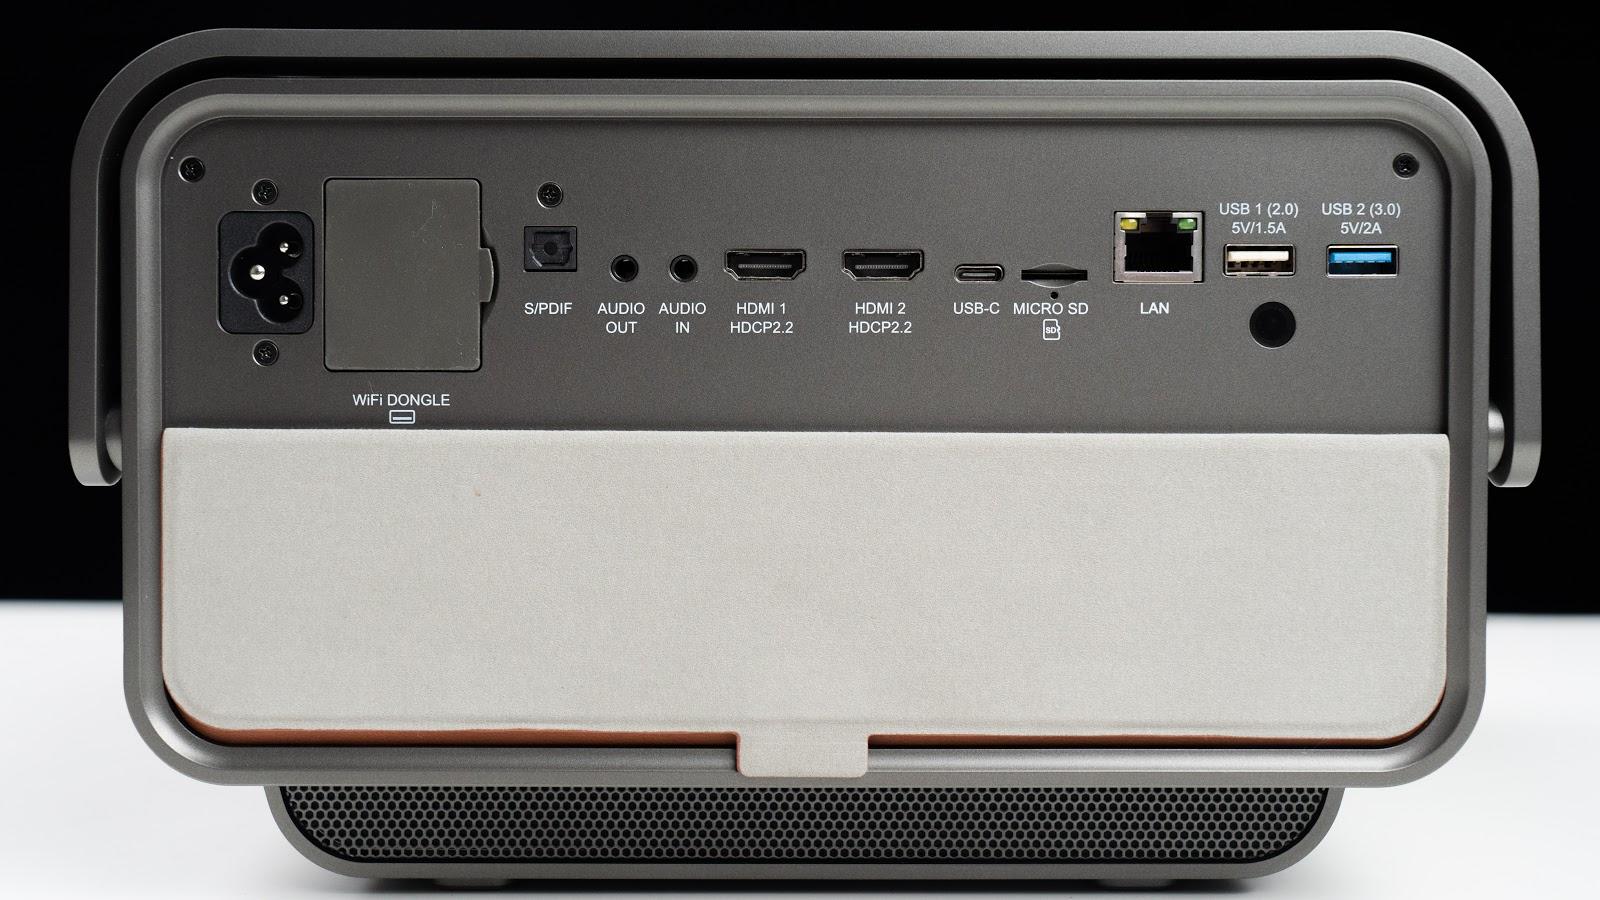 把 4K 120 吋家庭劇院提上手的感覺如何?  ViewSonic X10-4K LED 無線智慧投影機